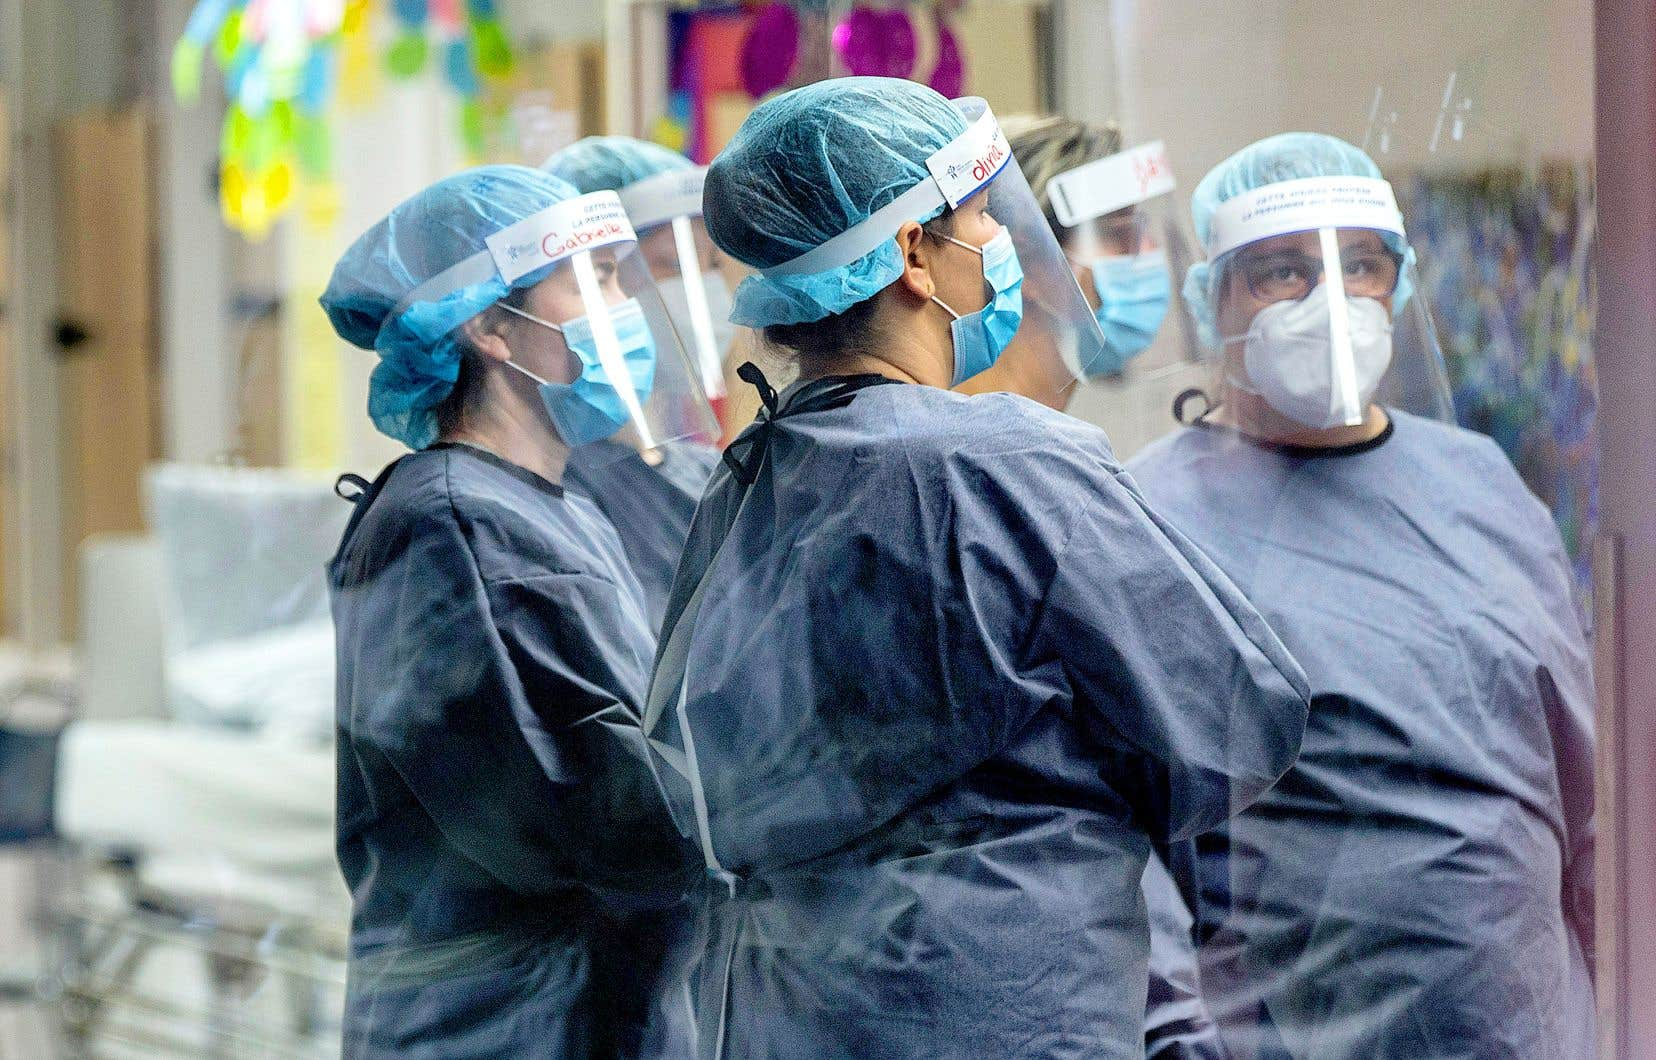 Les hôpitaux font face à de nombreuses éclosions. Mercredi, 127 étaient en cours, soit 13 de plus qu'il y a deux semaines, d'après le ministère de la Santé et des Services sociaux.